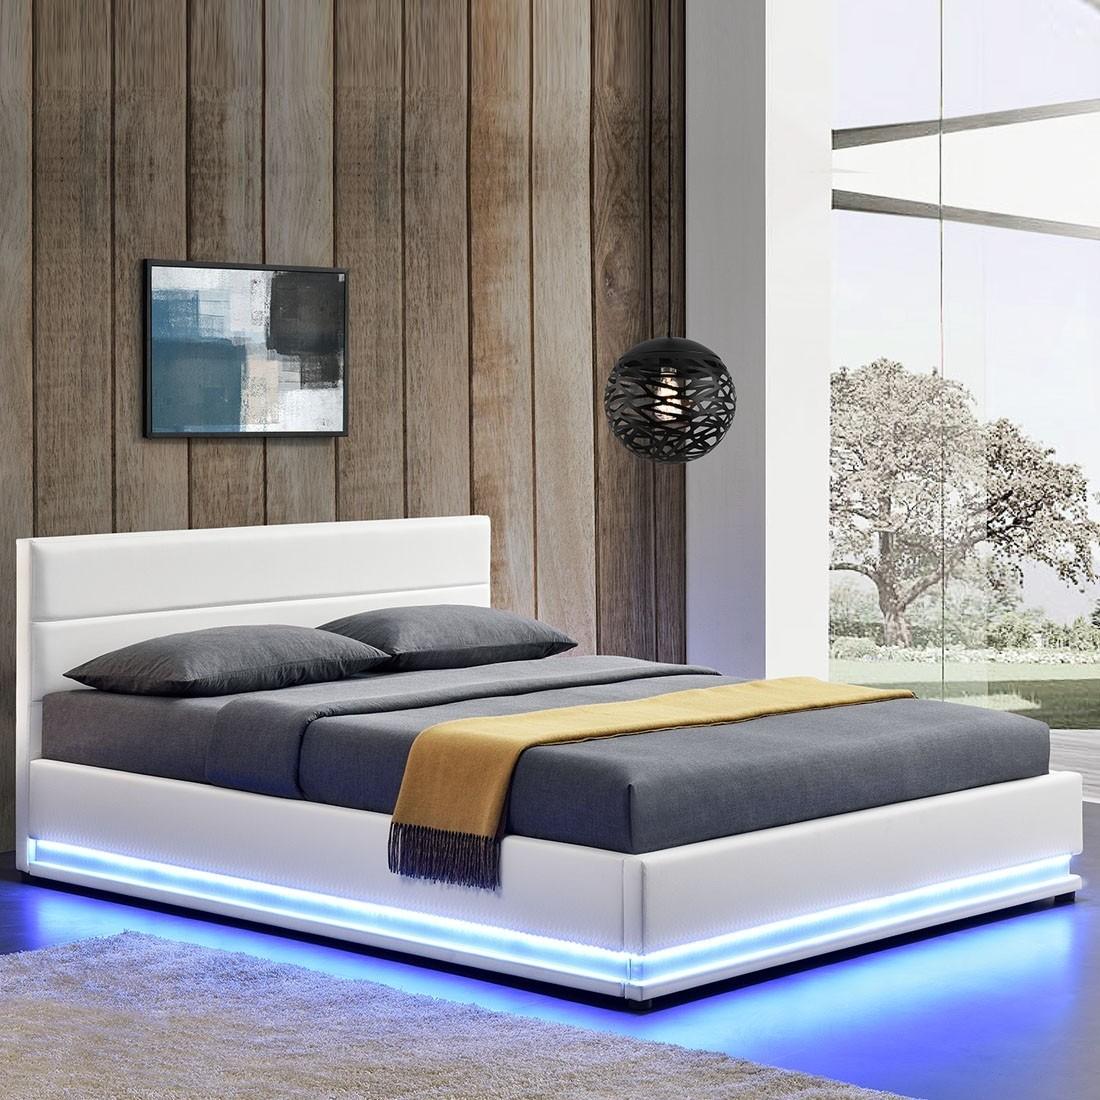 Lit Avec Rangement En Dessous lit ava avec coffre de rangement et led intégré - meublerdesign